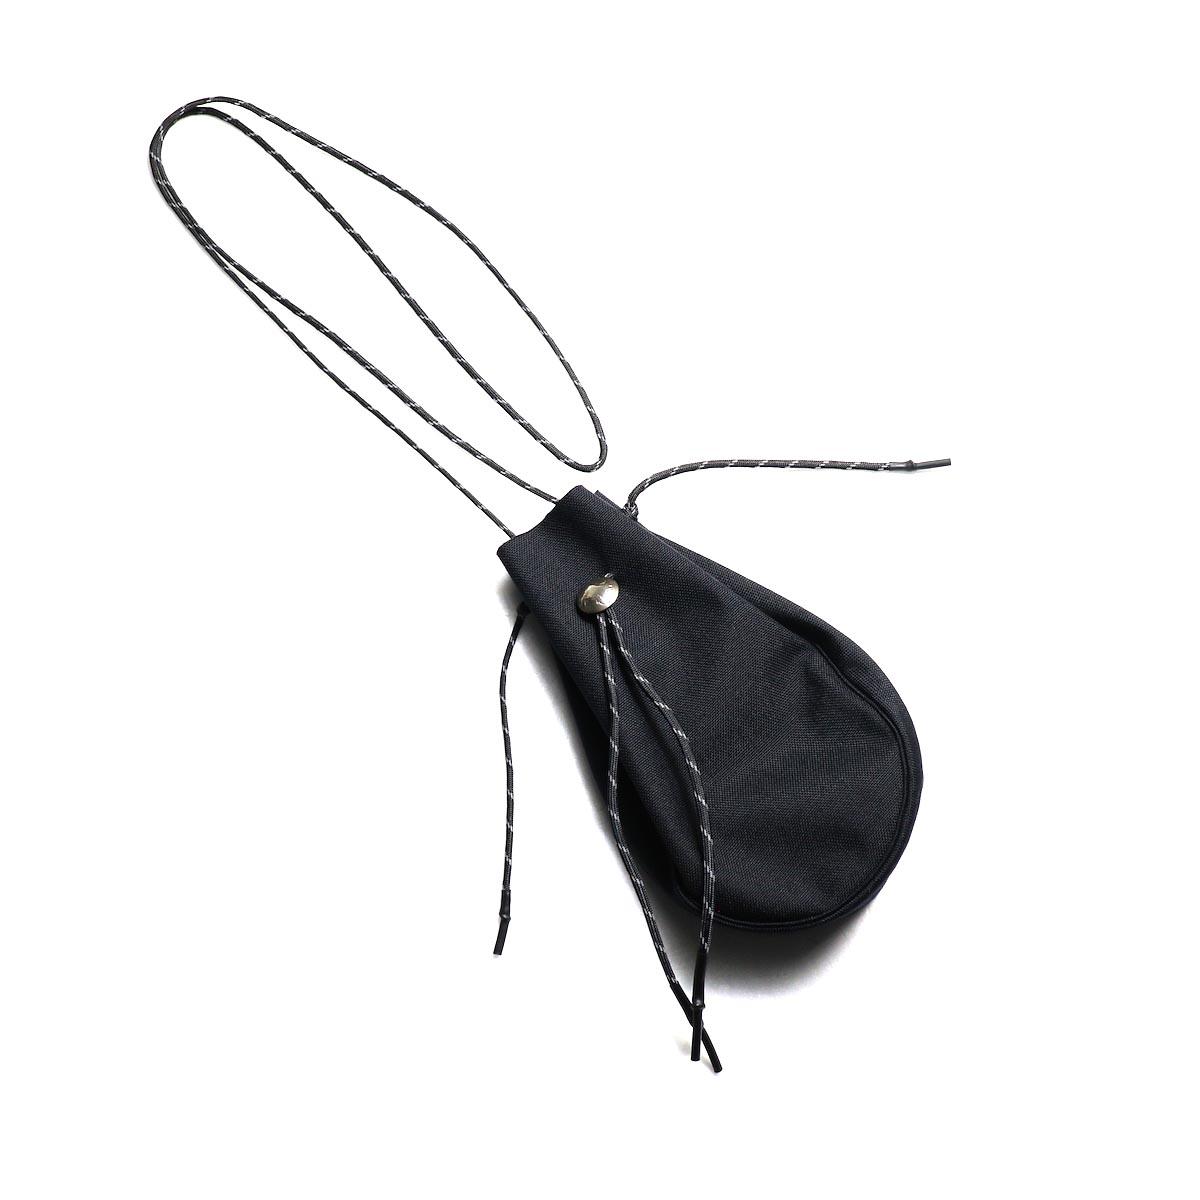 吉岡衣料店 / drawstring bag -S-. w/concho. (Black)